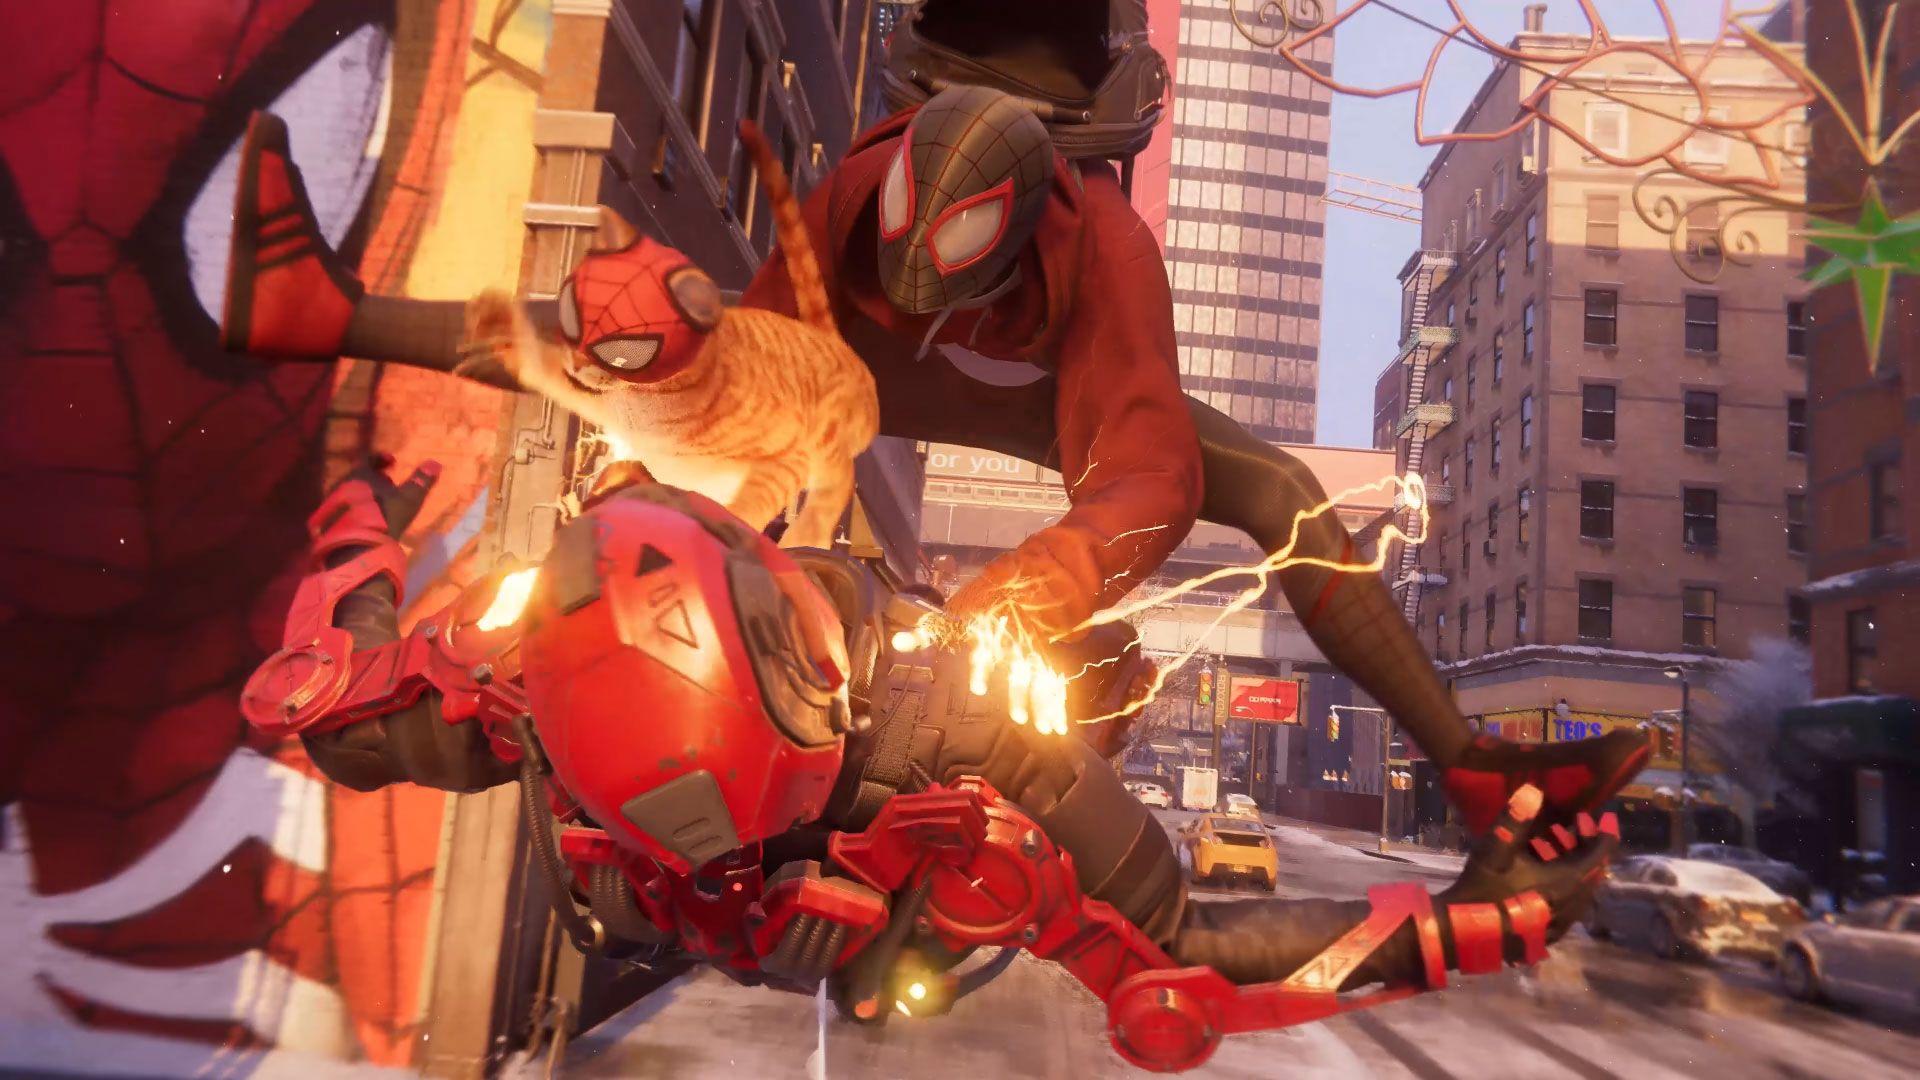 Spider-Man: Miles Morales traz um novo herói com poderes exclusivos e até mesmo um gato (Reprodução: Marvel Entertainment)